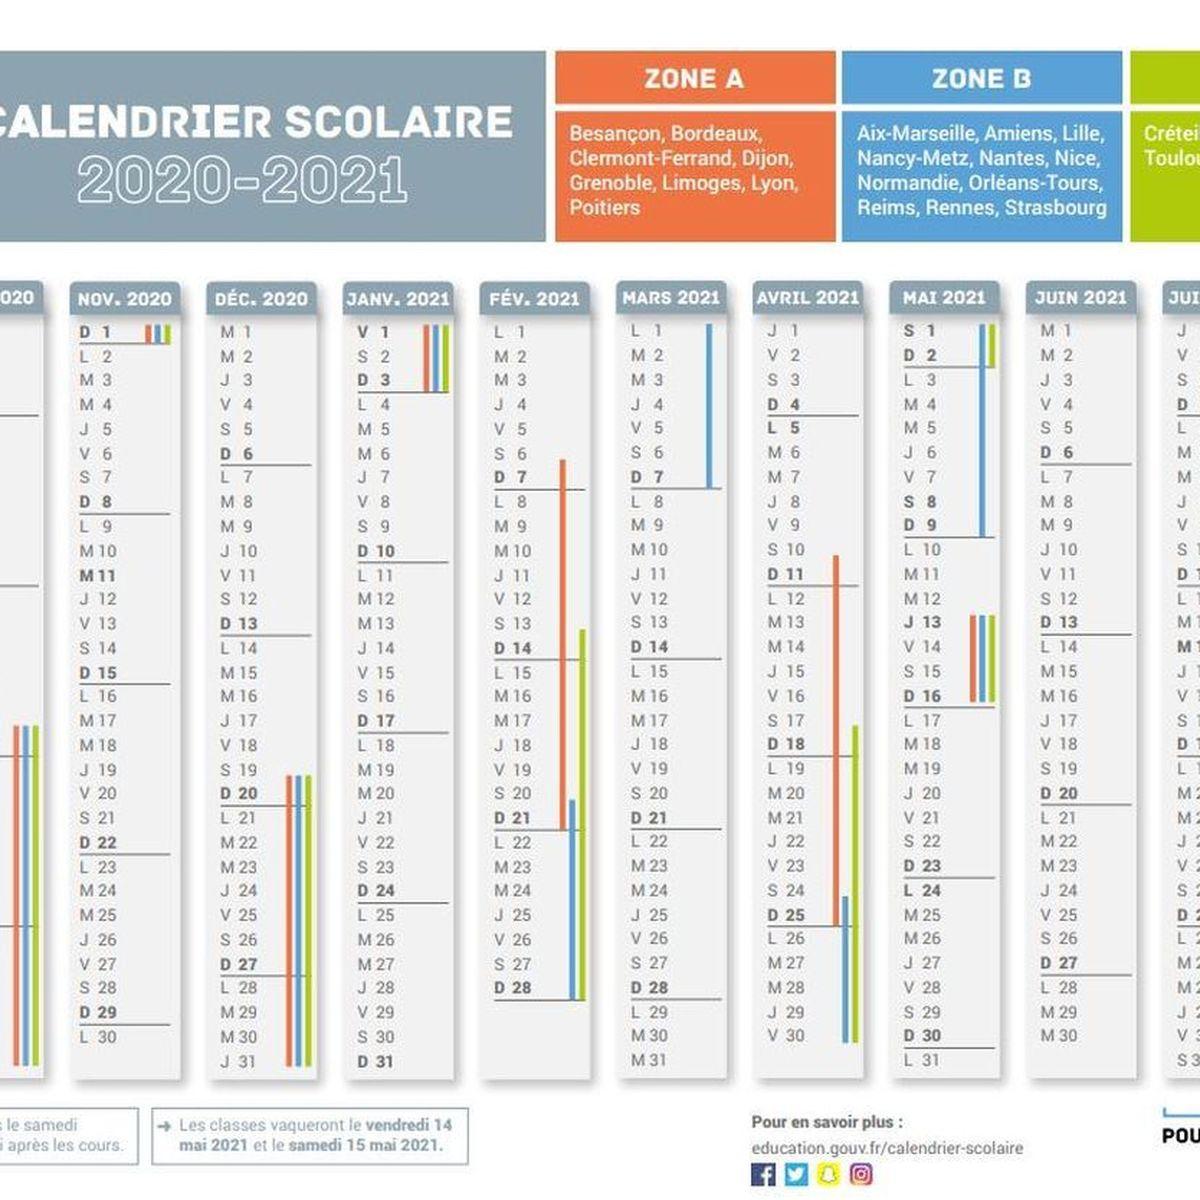 Vacances scolaires : voici le calendrier pour l'année 2020 2021